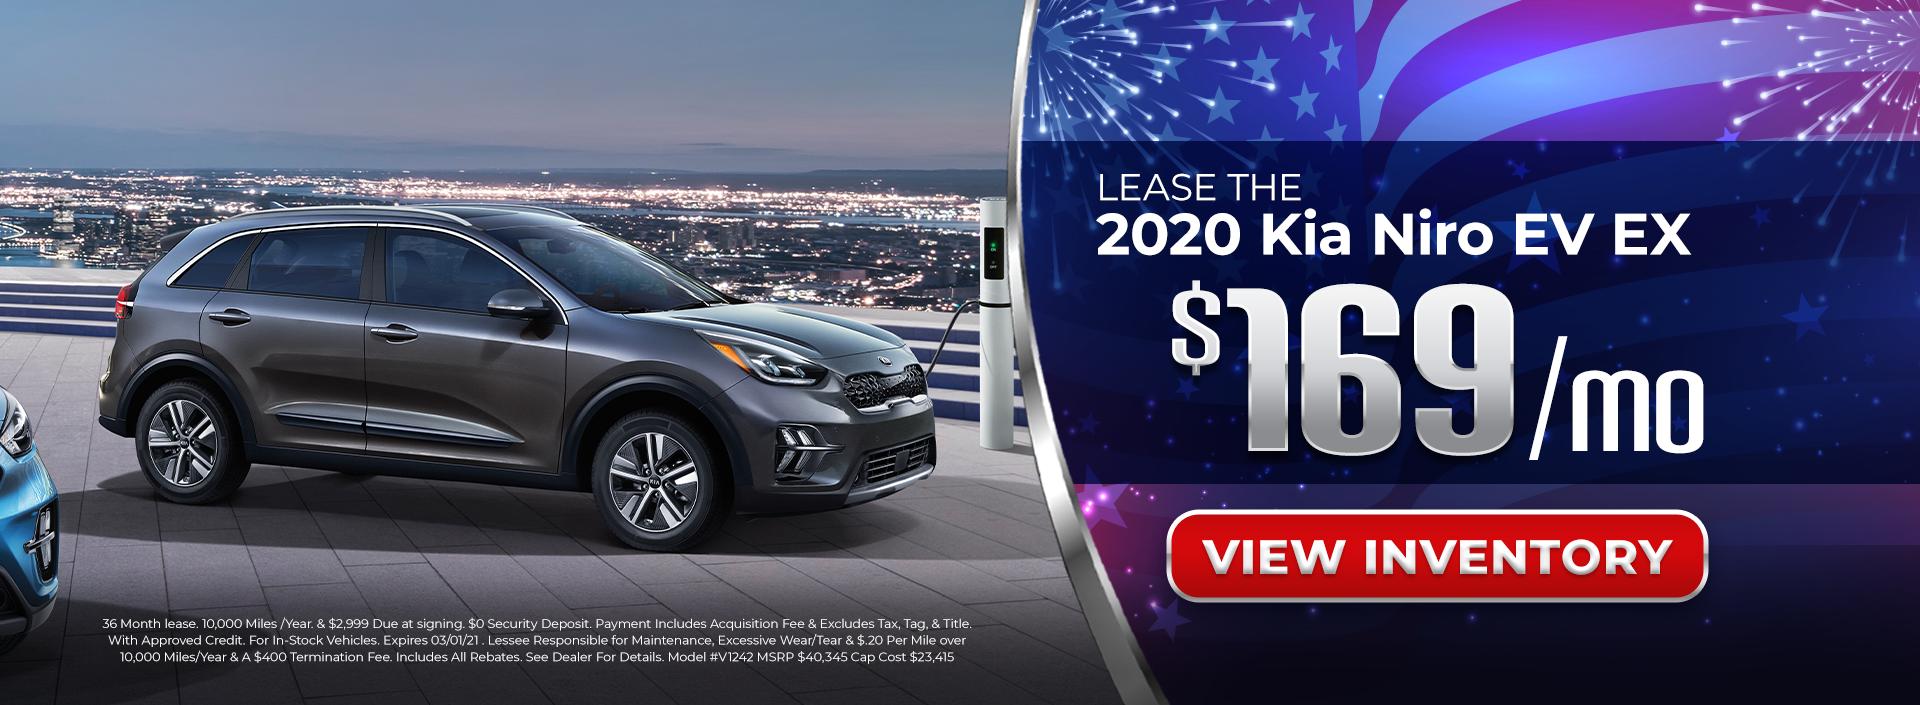 Lease 2020 Kia Niro EV for $169/mo